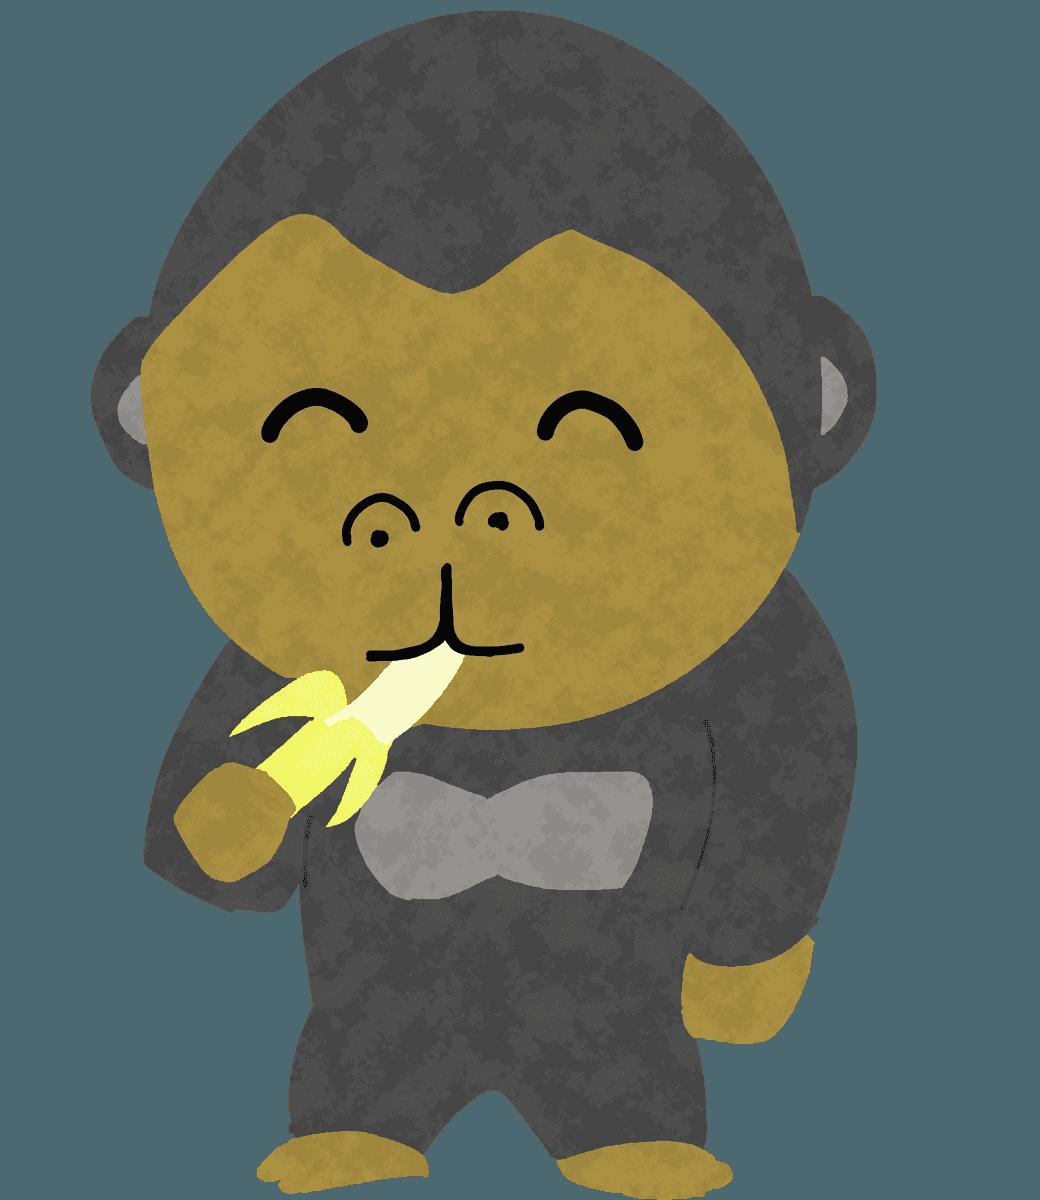 バナナを食べるゴリライラスト